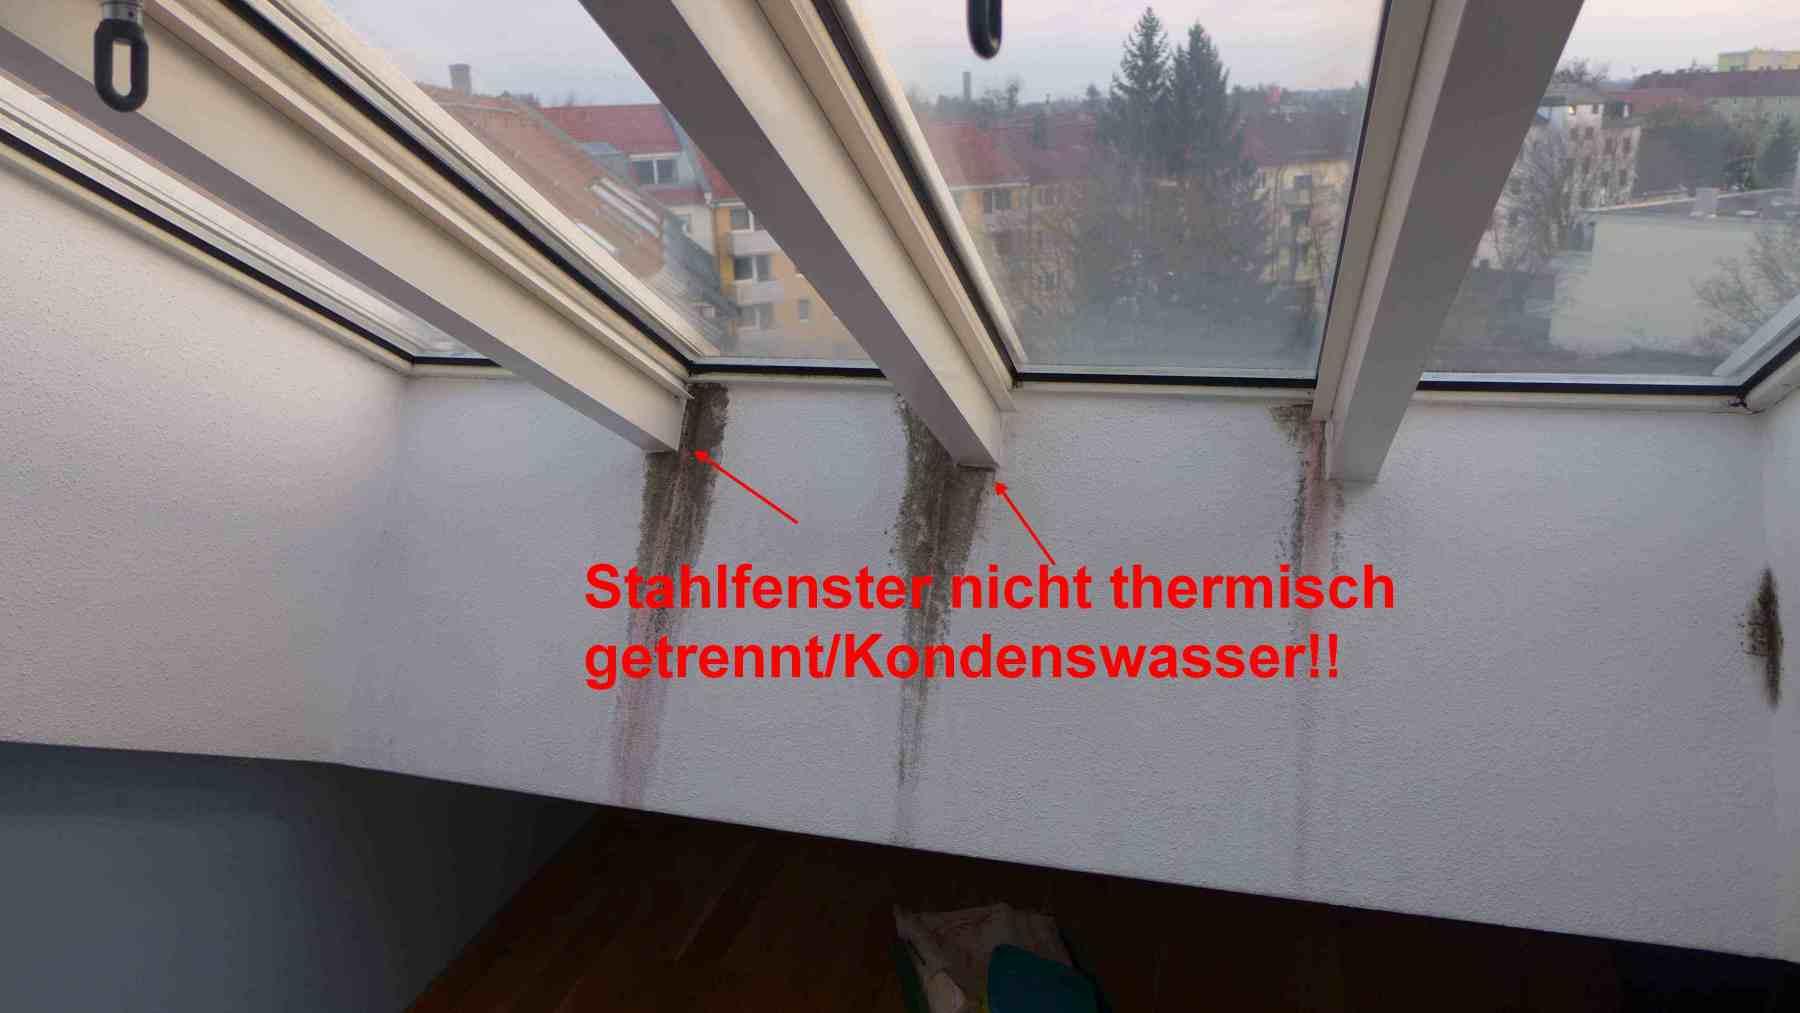 DachflÑchenfenstersanierung-Muenchen-3